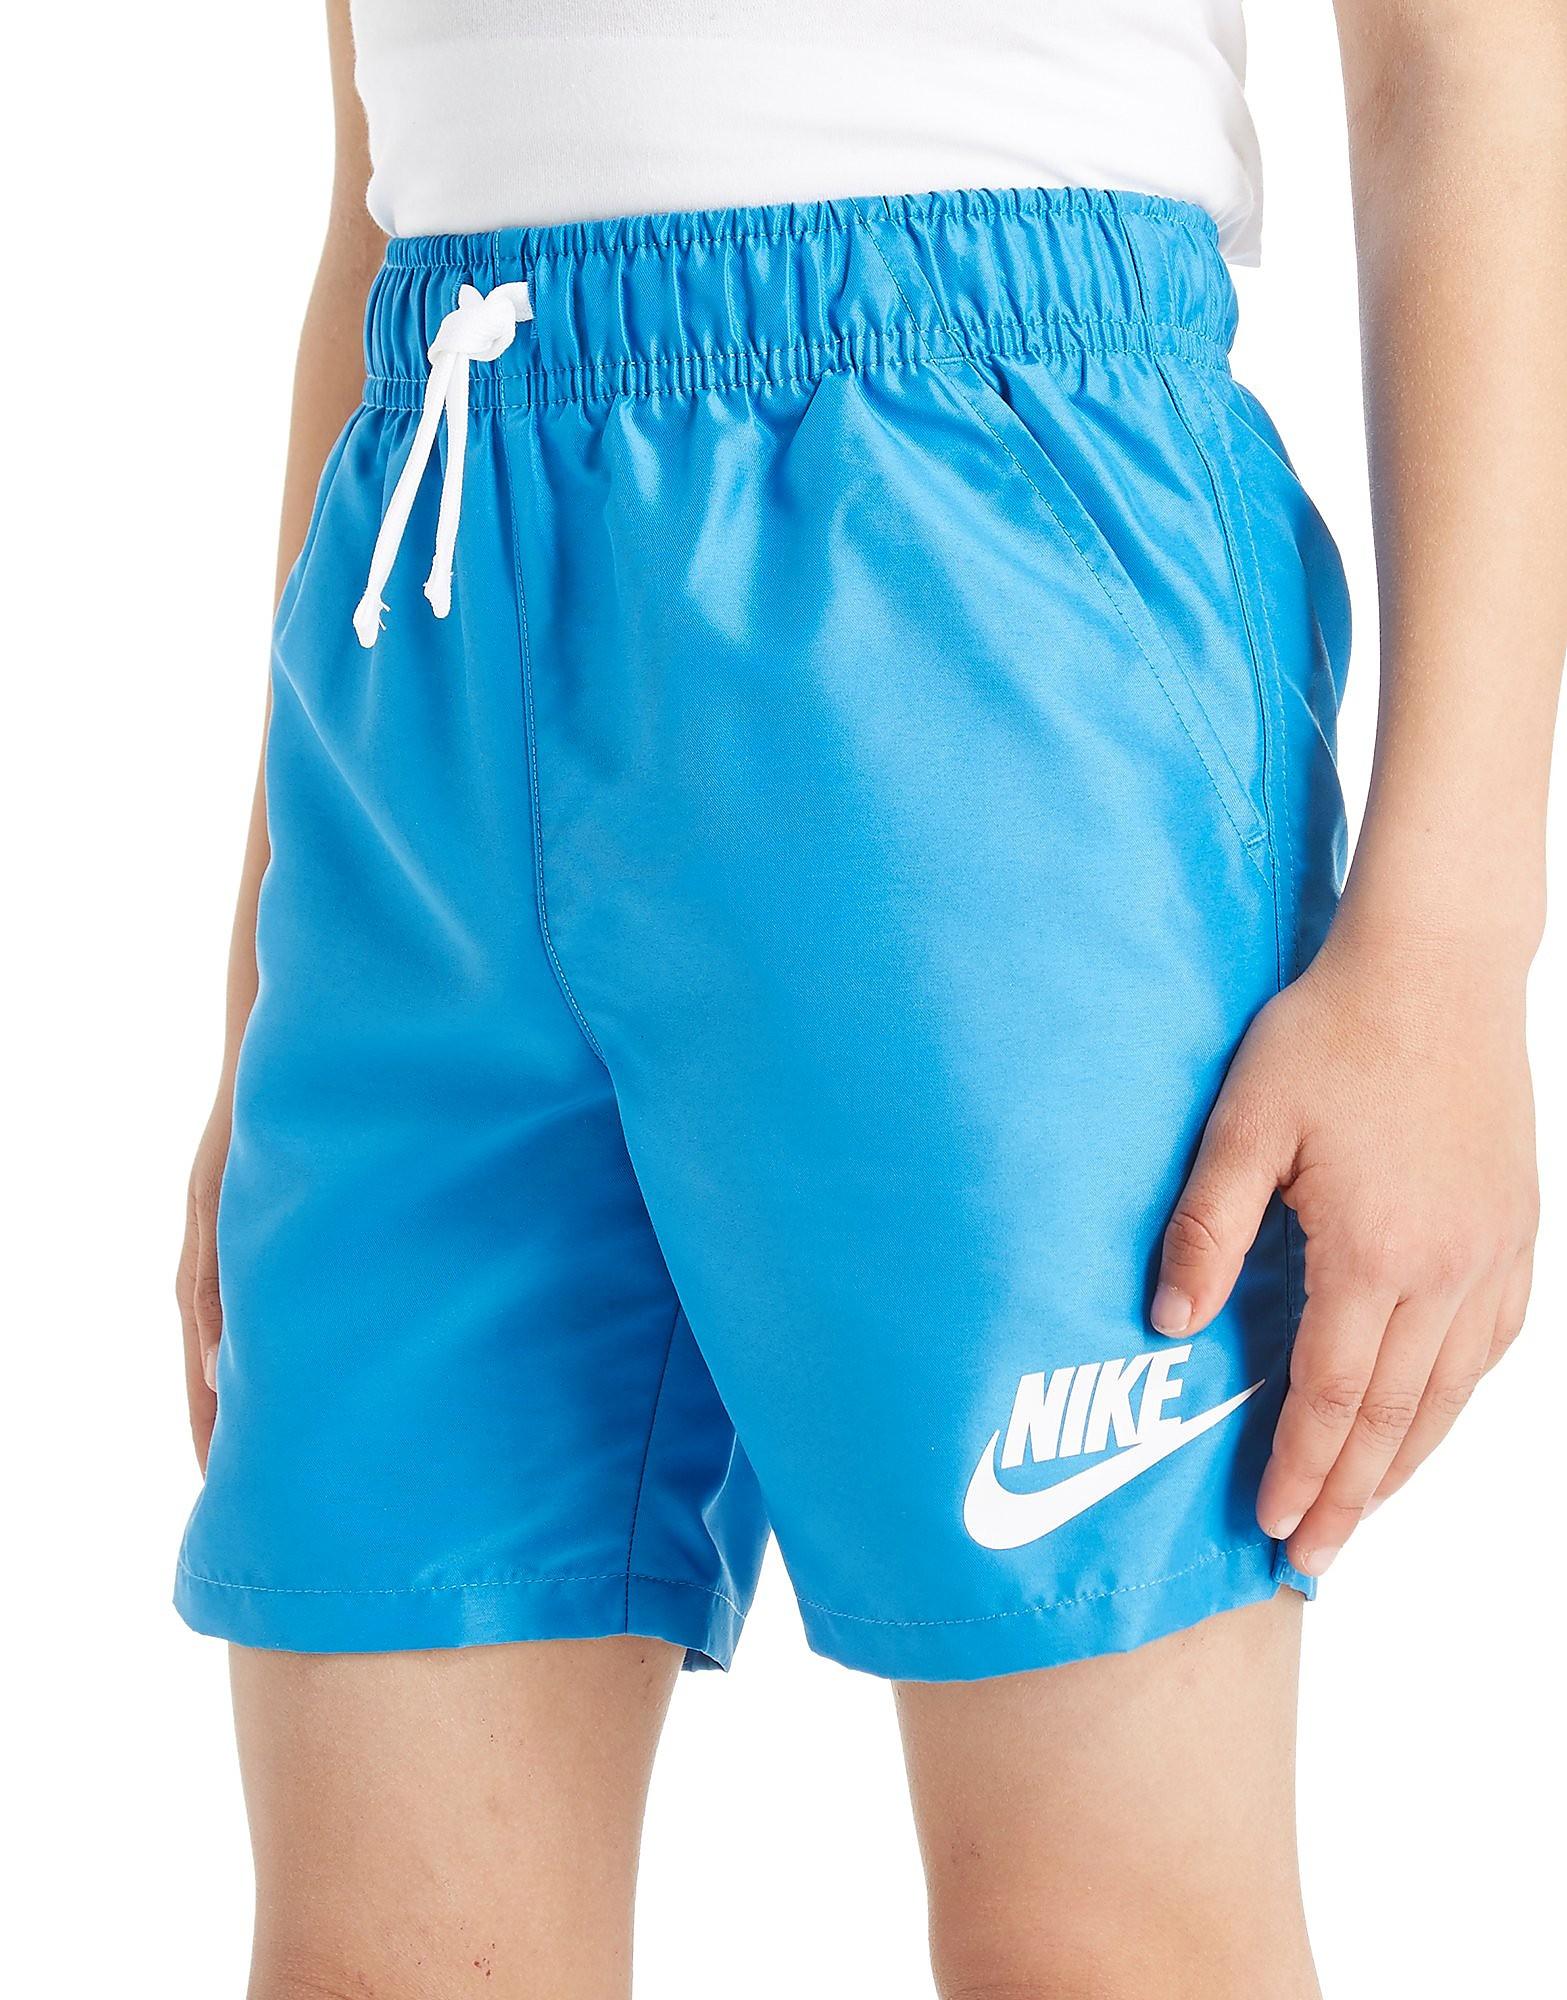 Nike bañador Flow infantil